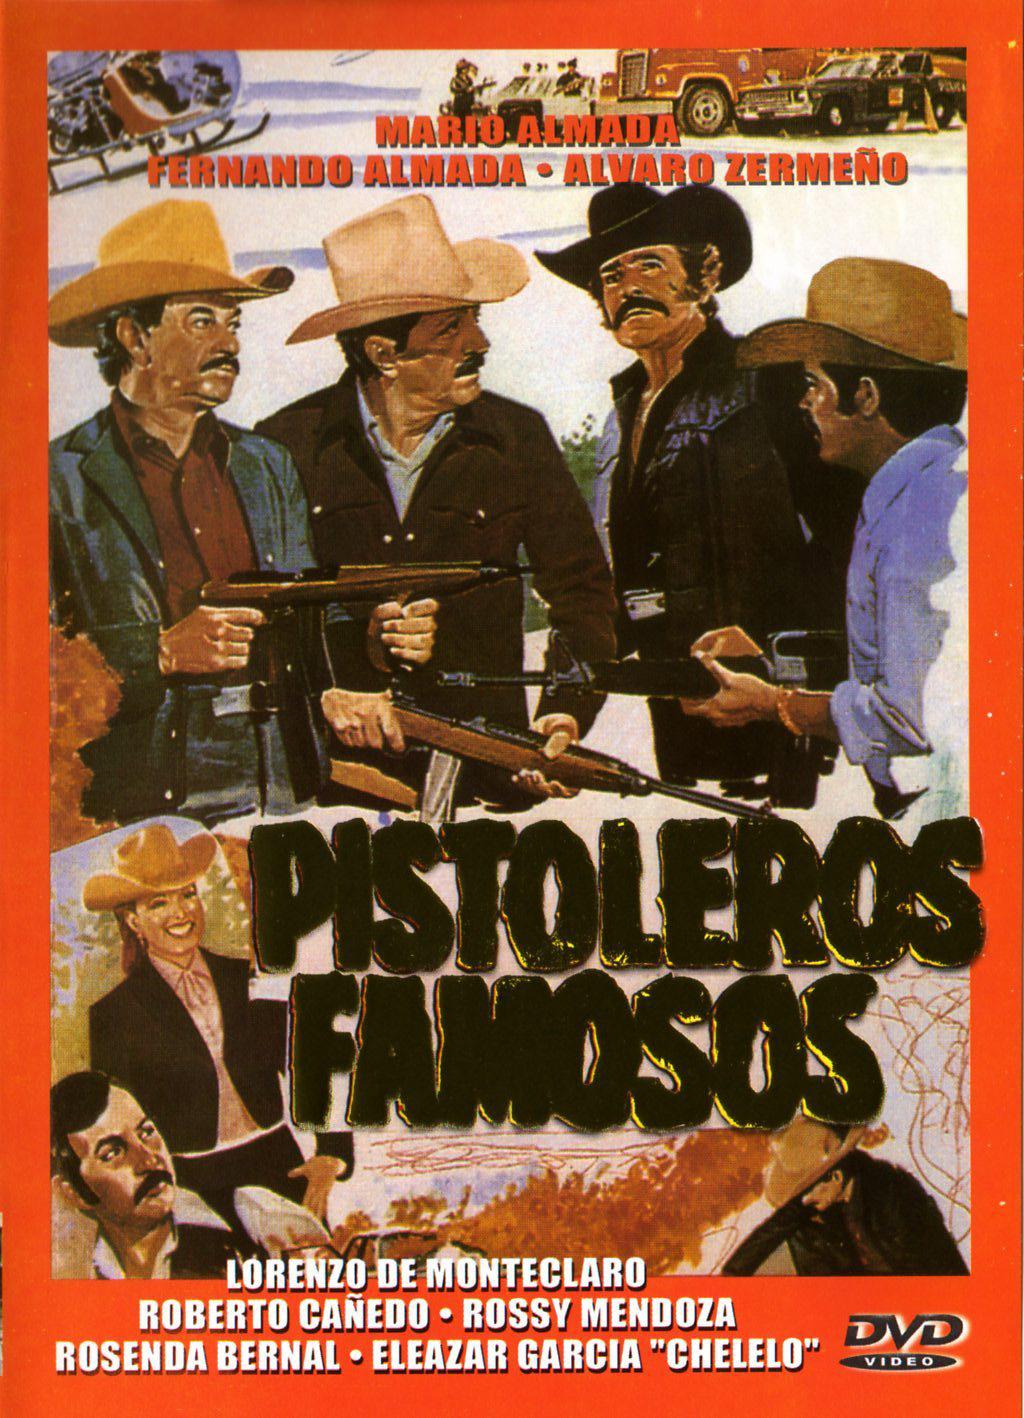 Pistoleros famosos (1981) - IMDb